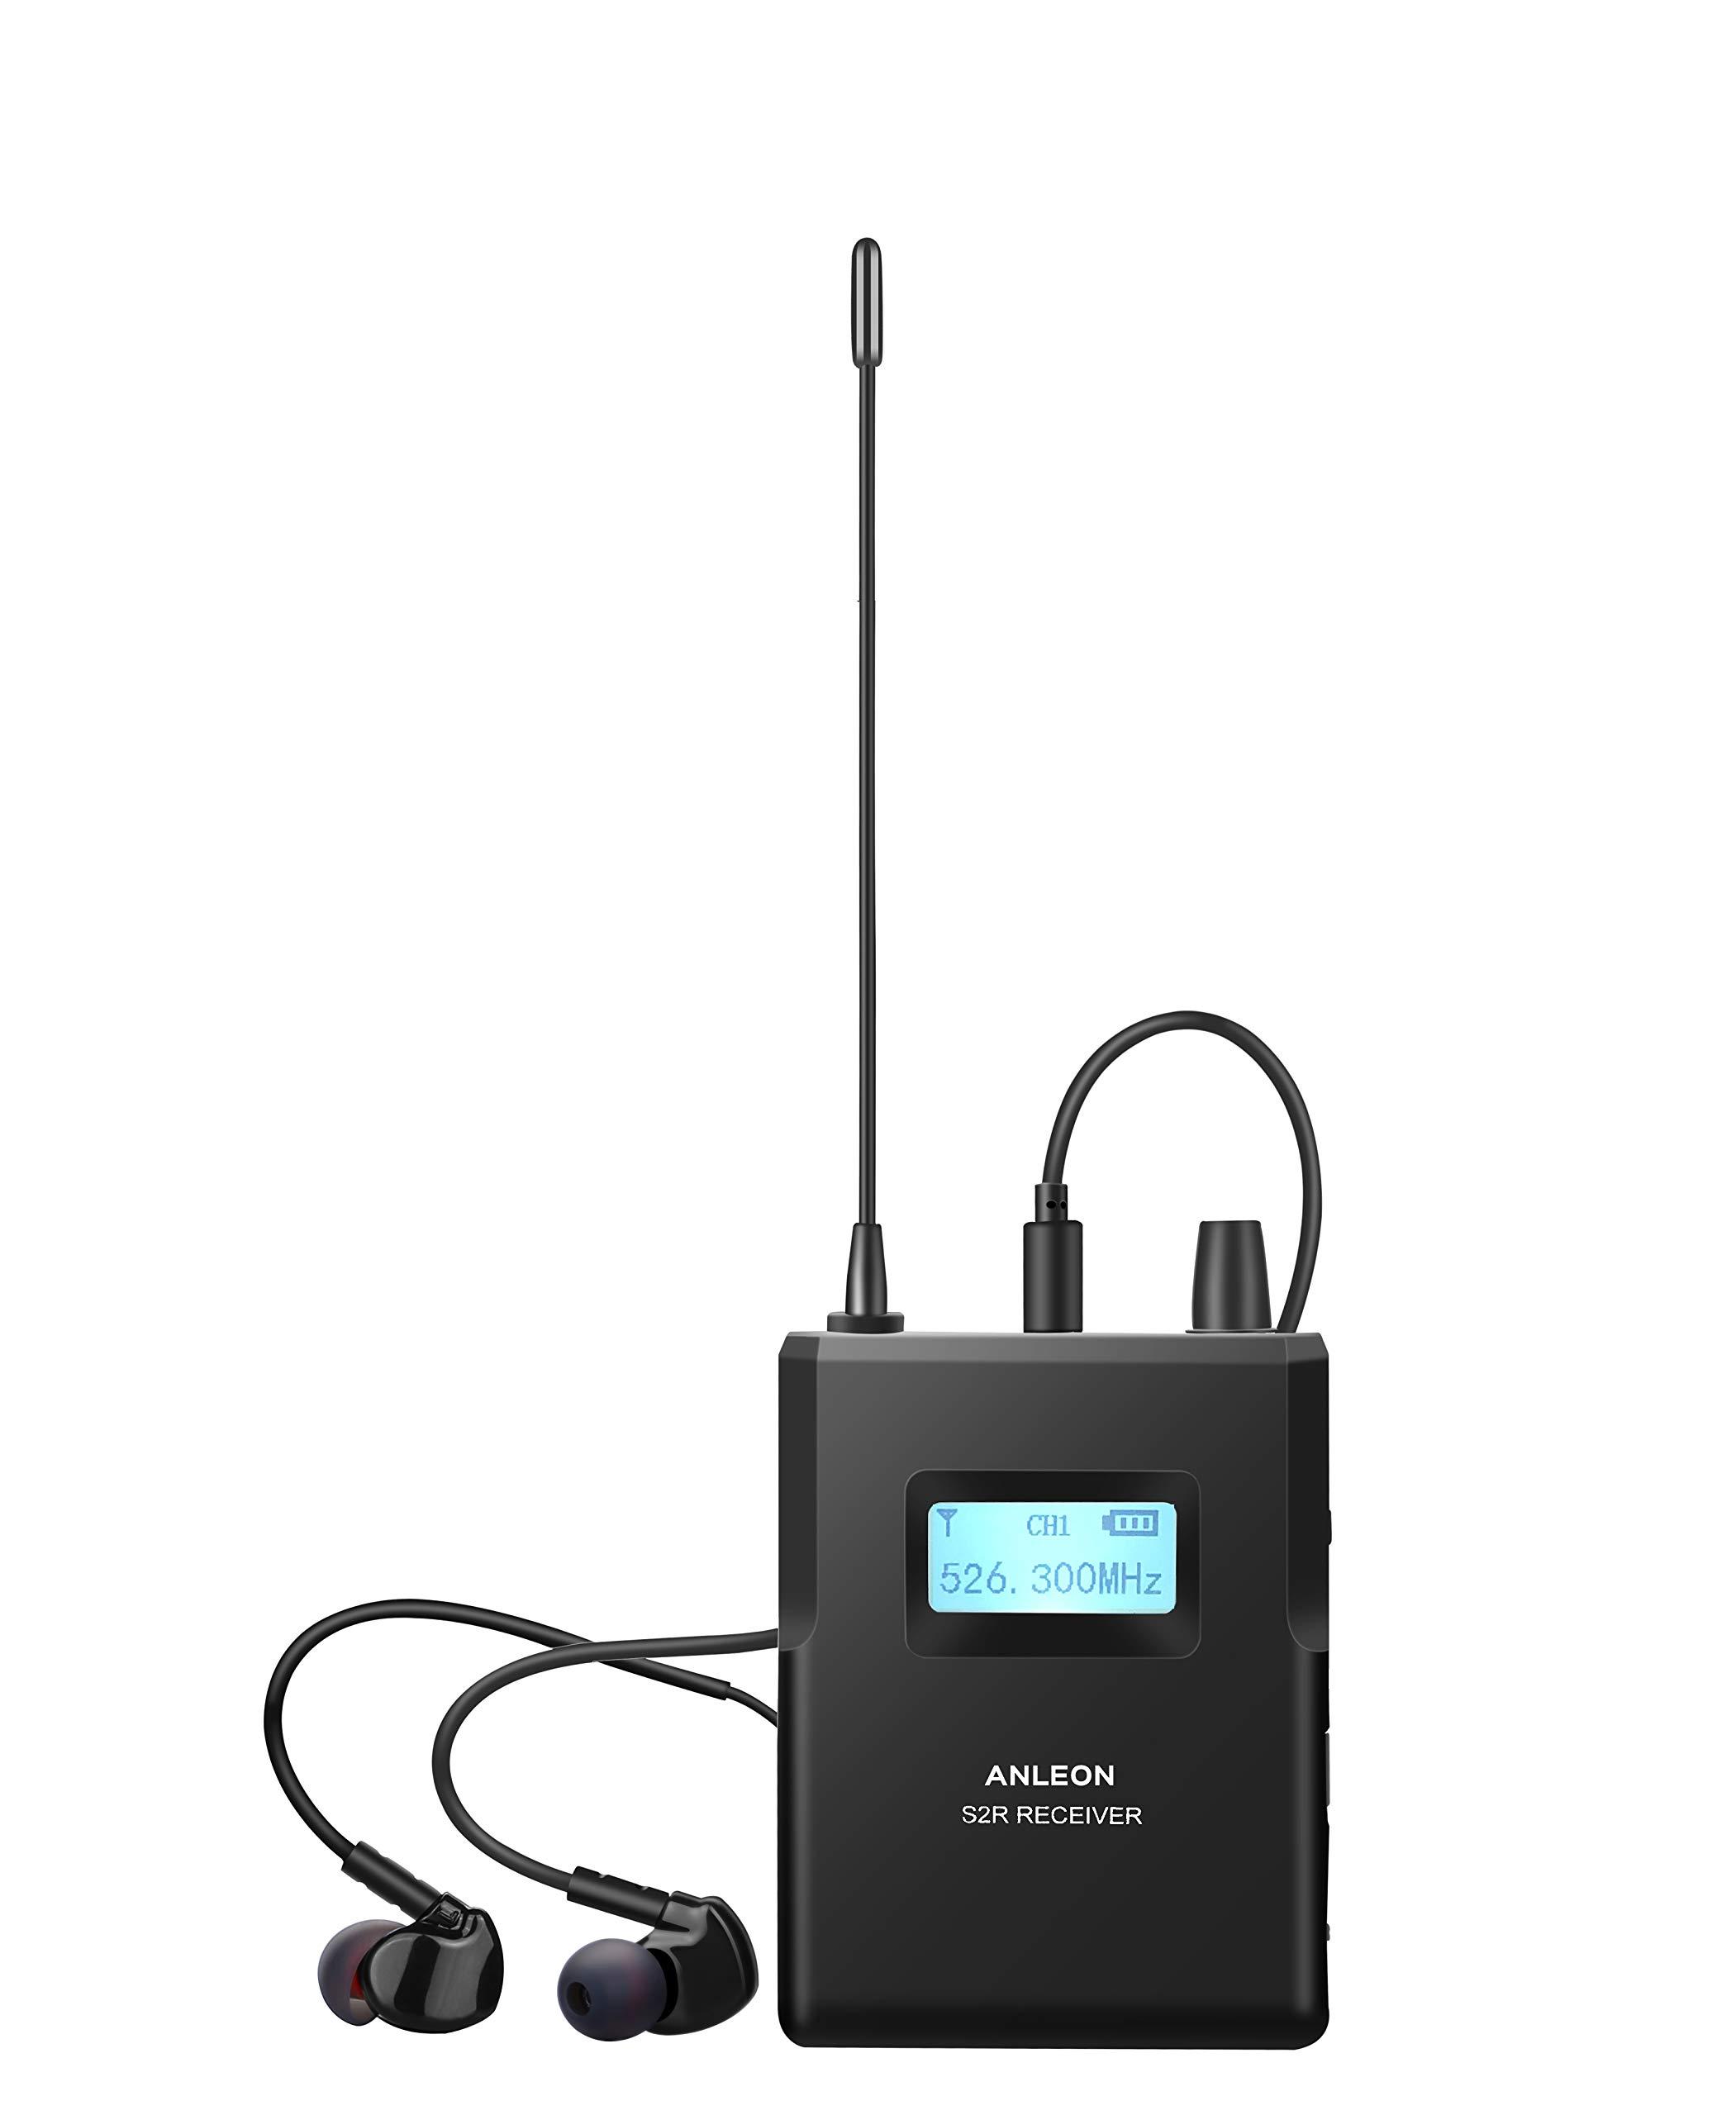 ANLEON S2/receiver 526-535Mhz